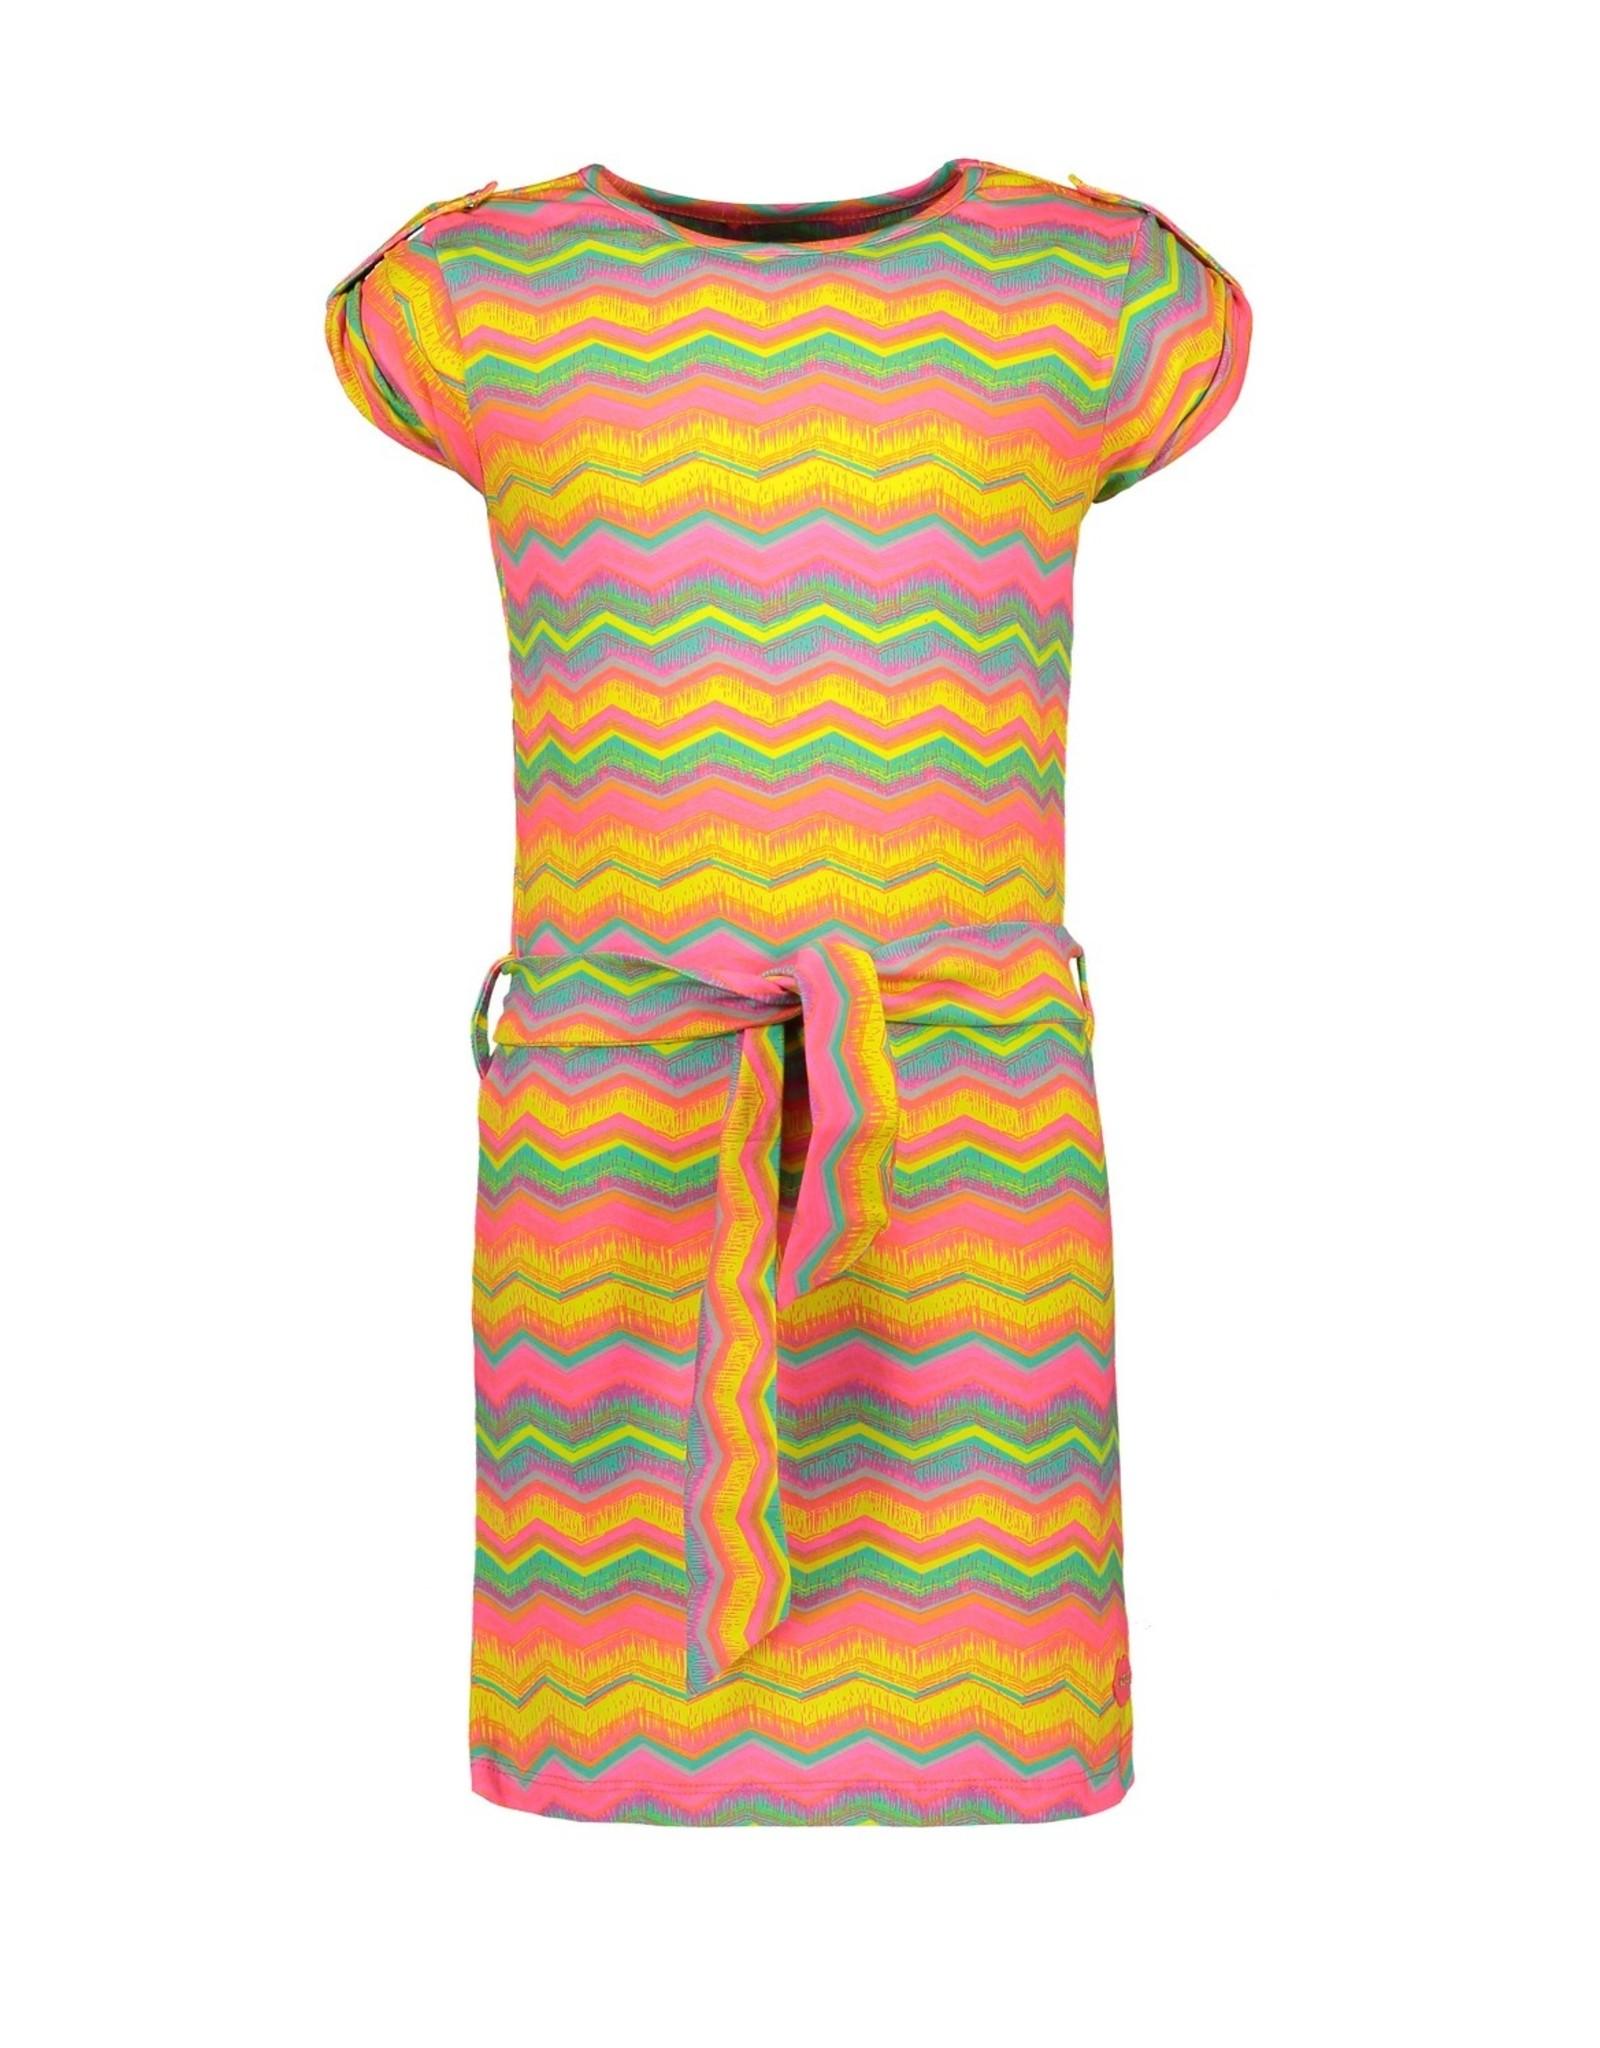 Kidz-Art Dress s/s allover print + shell fabric belt